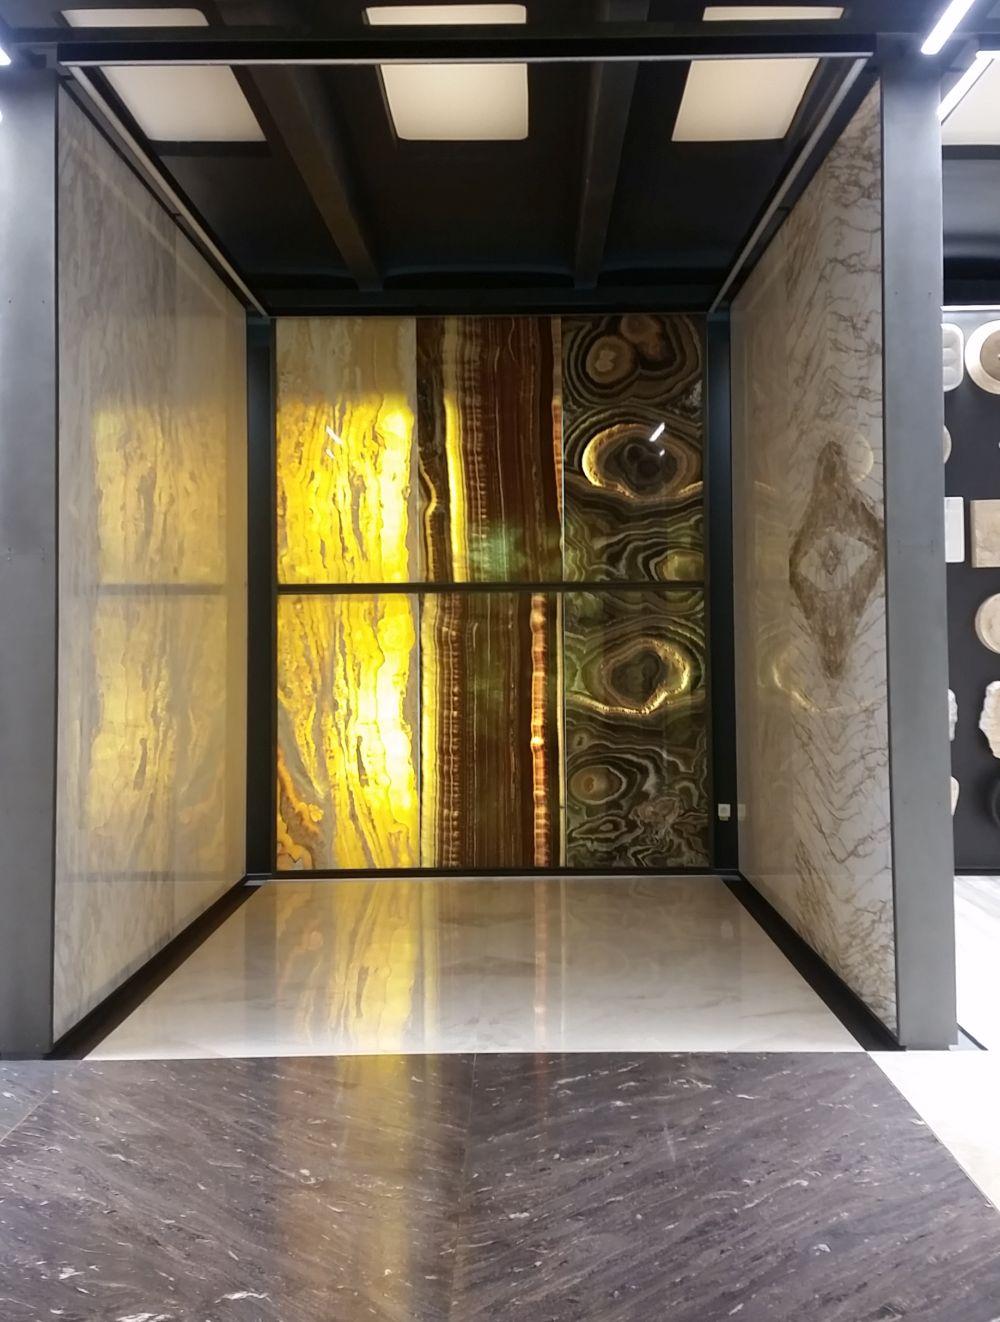 În showroomul STONA vei găsi și petre naturale translucide pe care le poți folosi creativ în amenajările interioare.